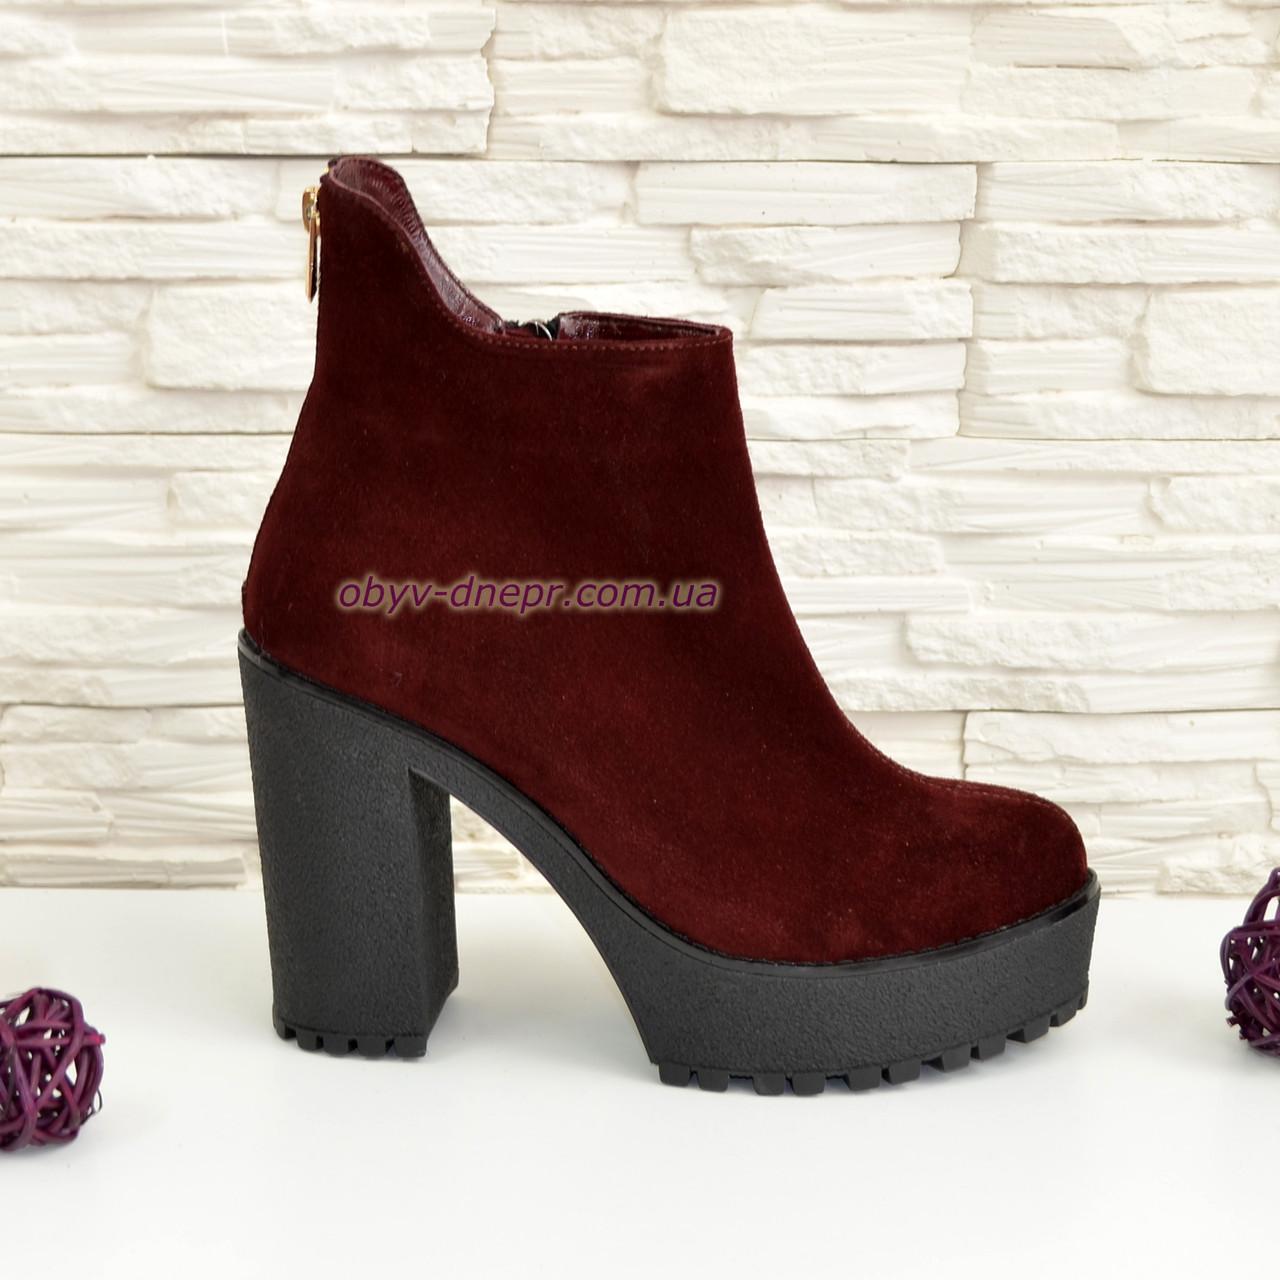 d9bb0cc18e21 Ботинки замшевые женские зимние на высоком каблуке. Бордовый цвет: продажа,  цена в ...